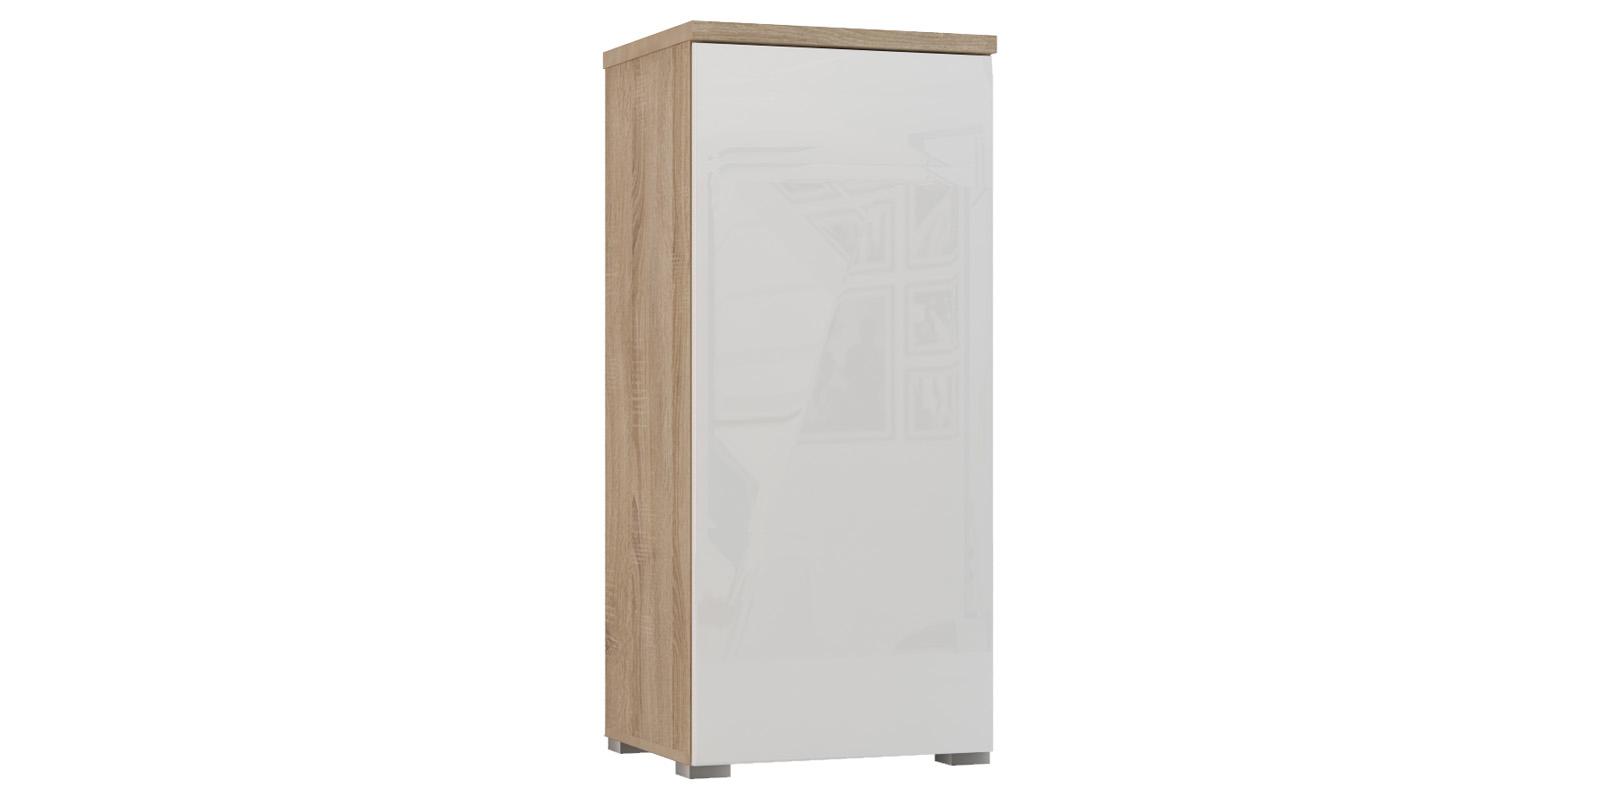 Шкаф распашной однодверный Верона вариант №2 (дуб сонома/белый глянец)